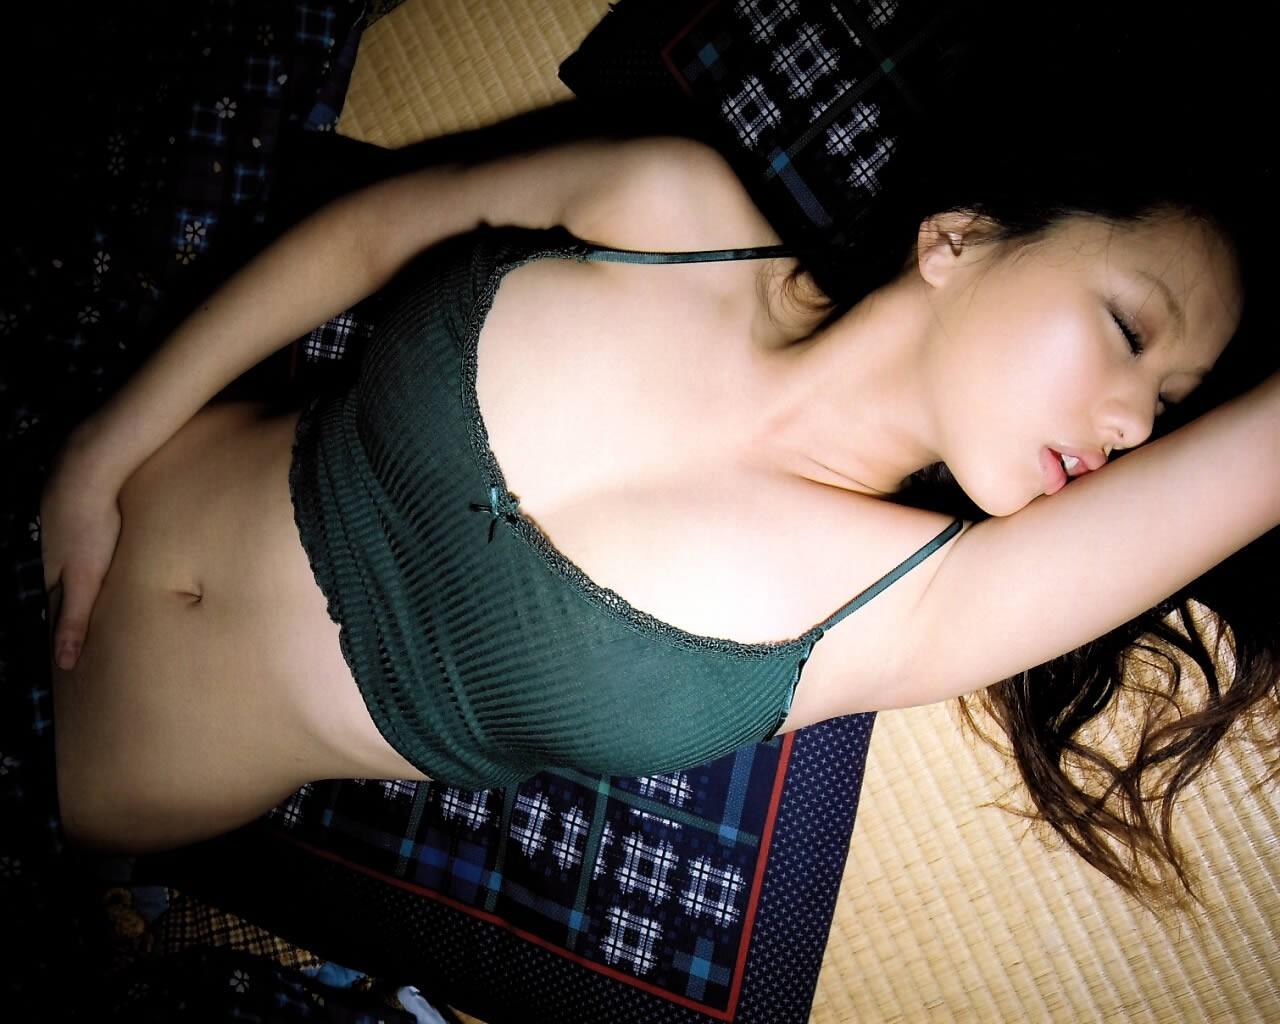 【オナニーエロ画像】ヤるのはやっぱり就寝前?自慰に夢中な美女たち